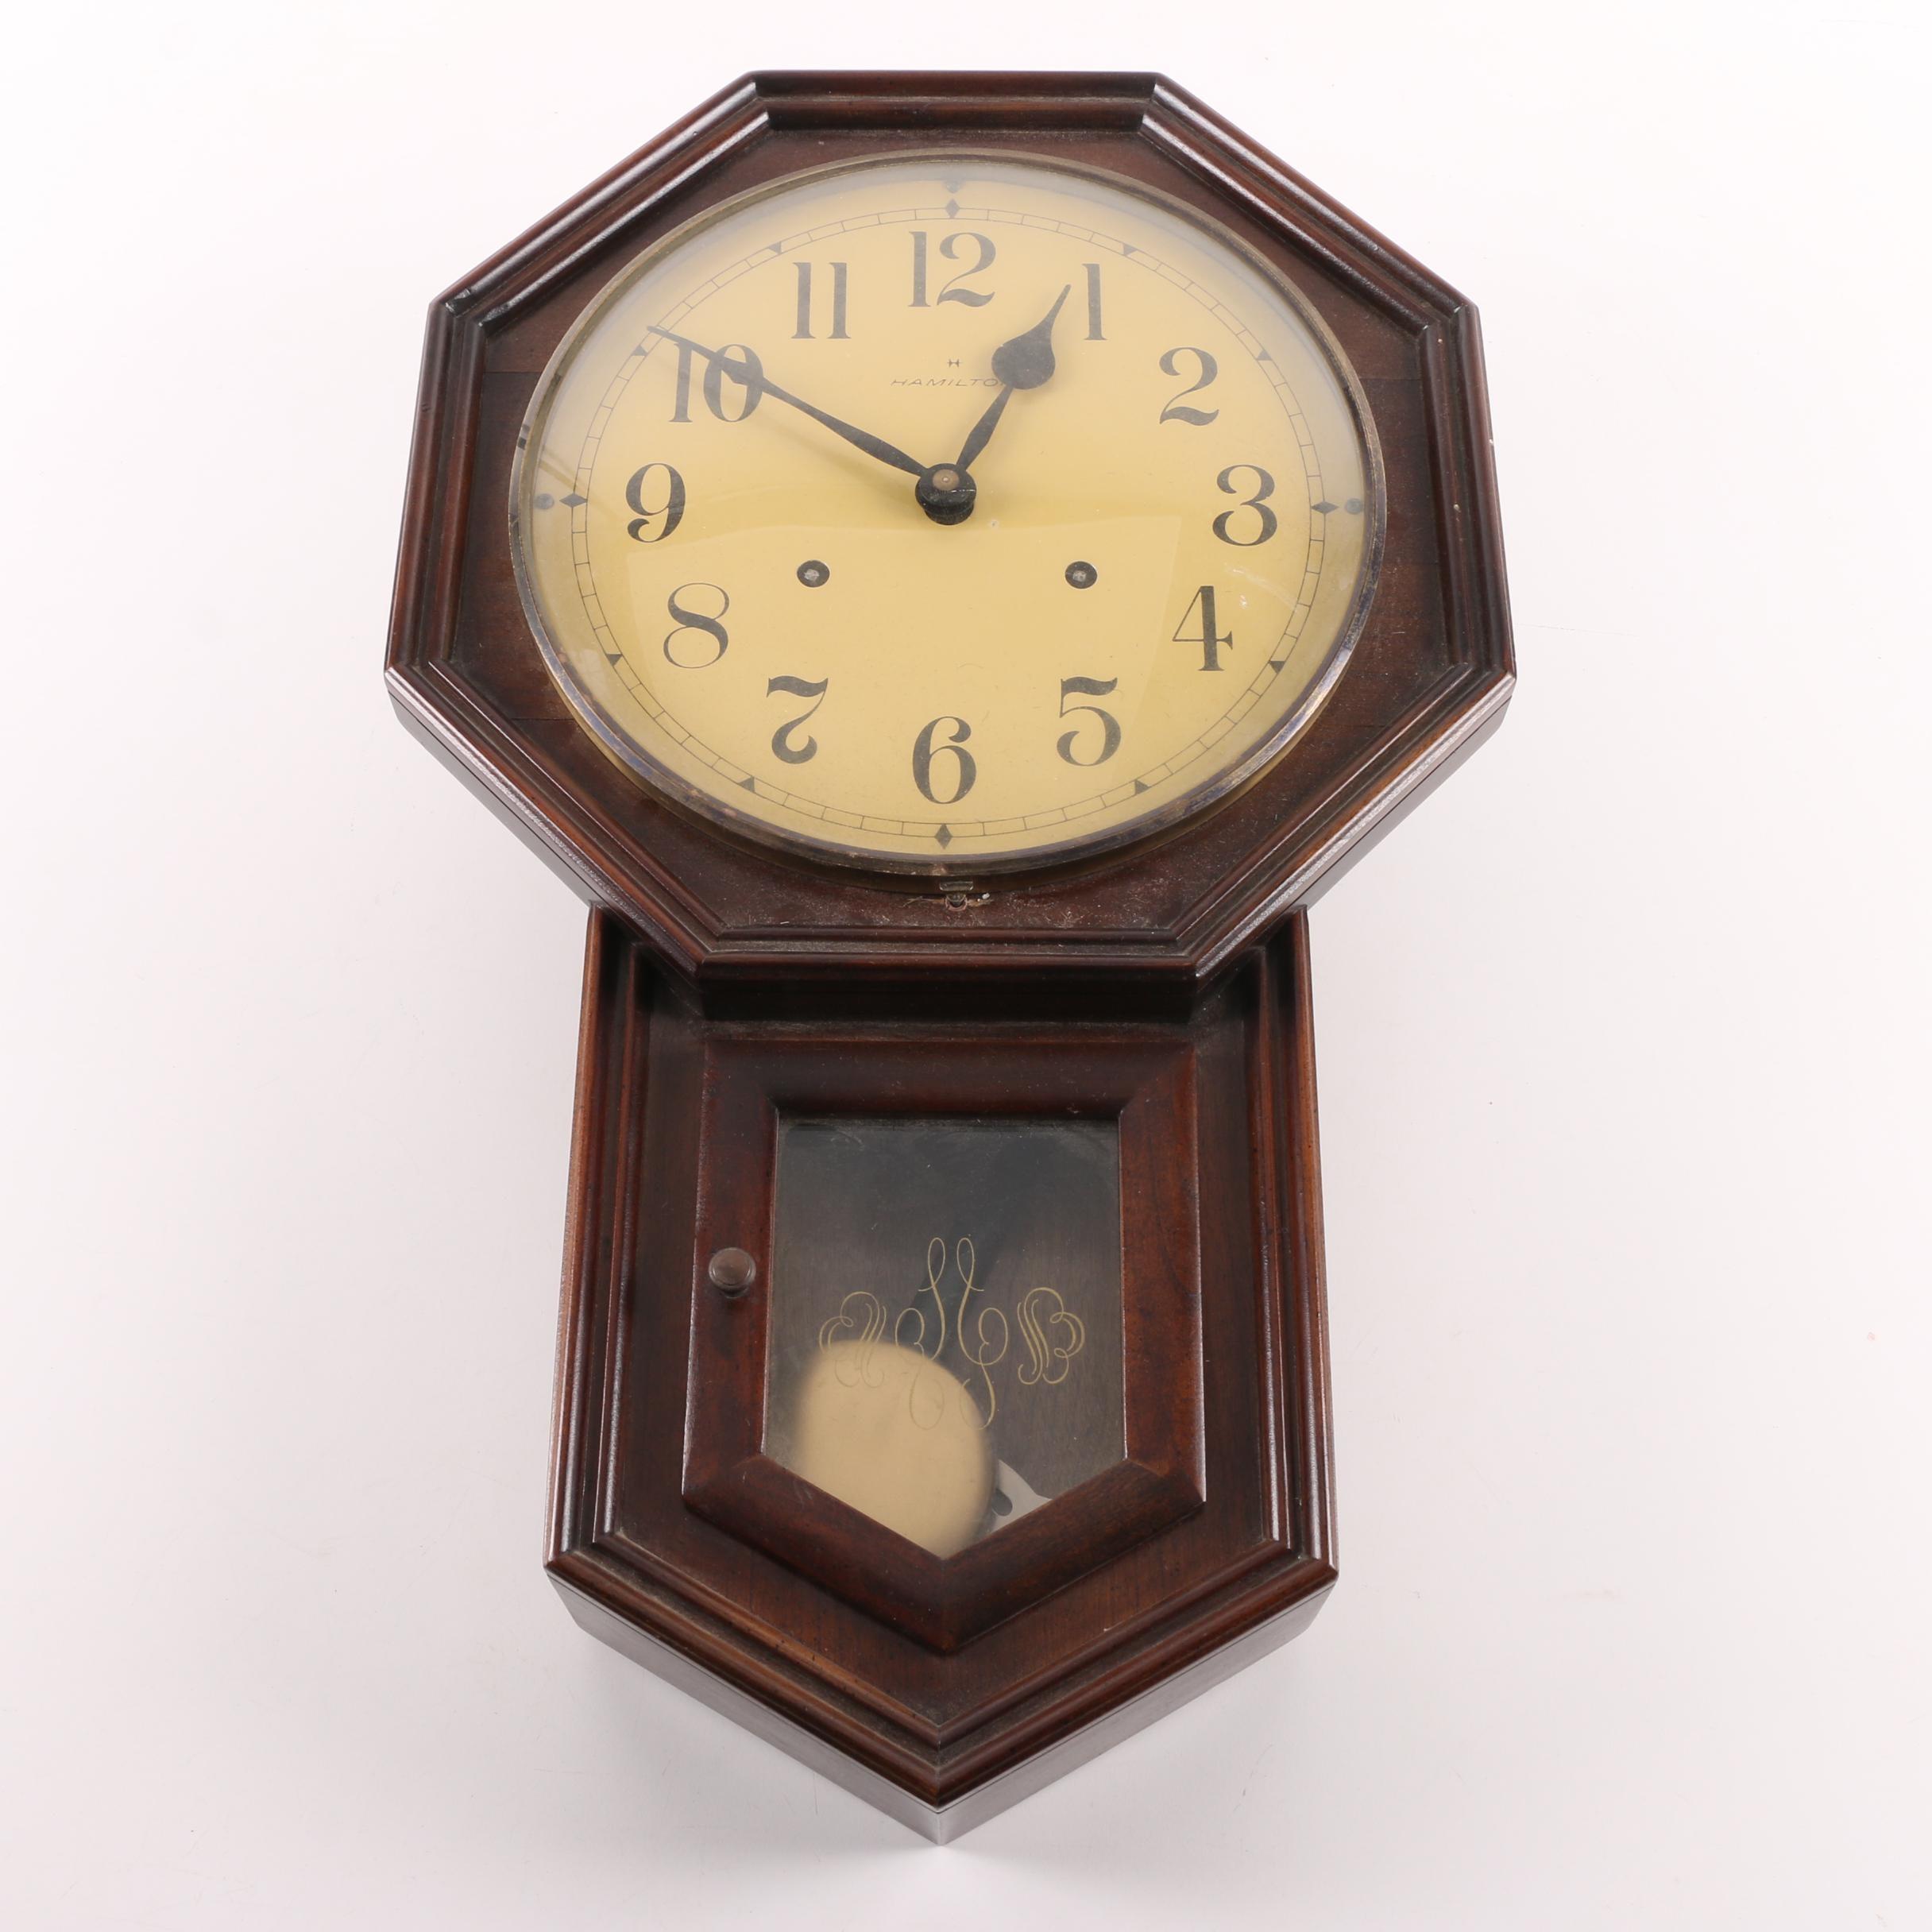 Hamilton Regulator Wall Clock